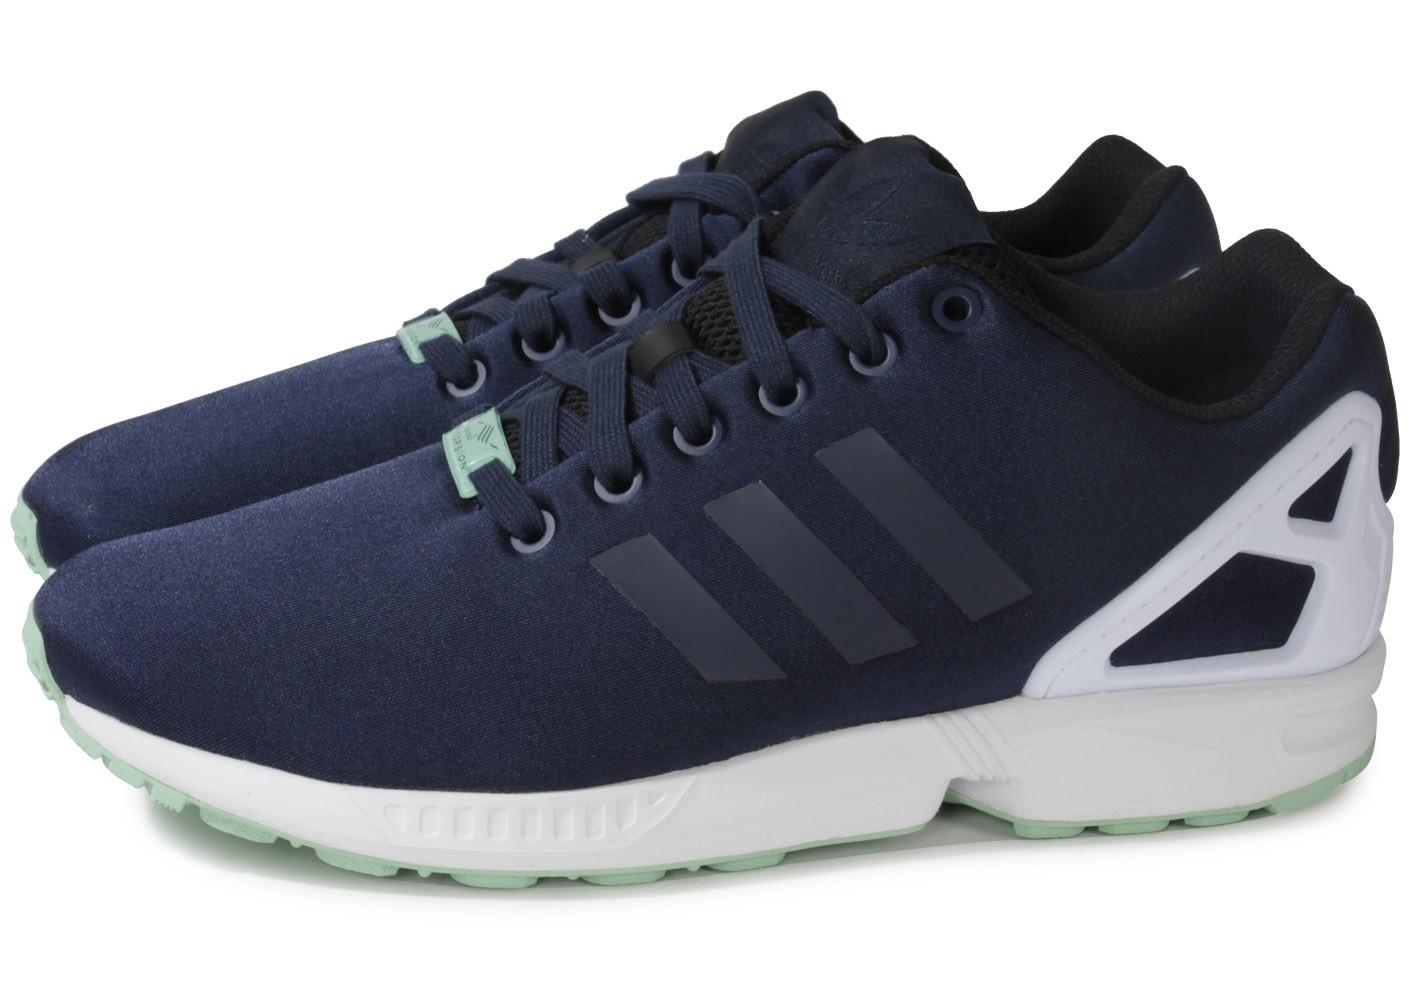 Adidas Zx Flux Homme Bleu Ju889